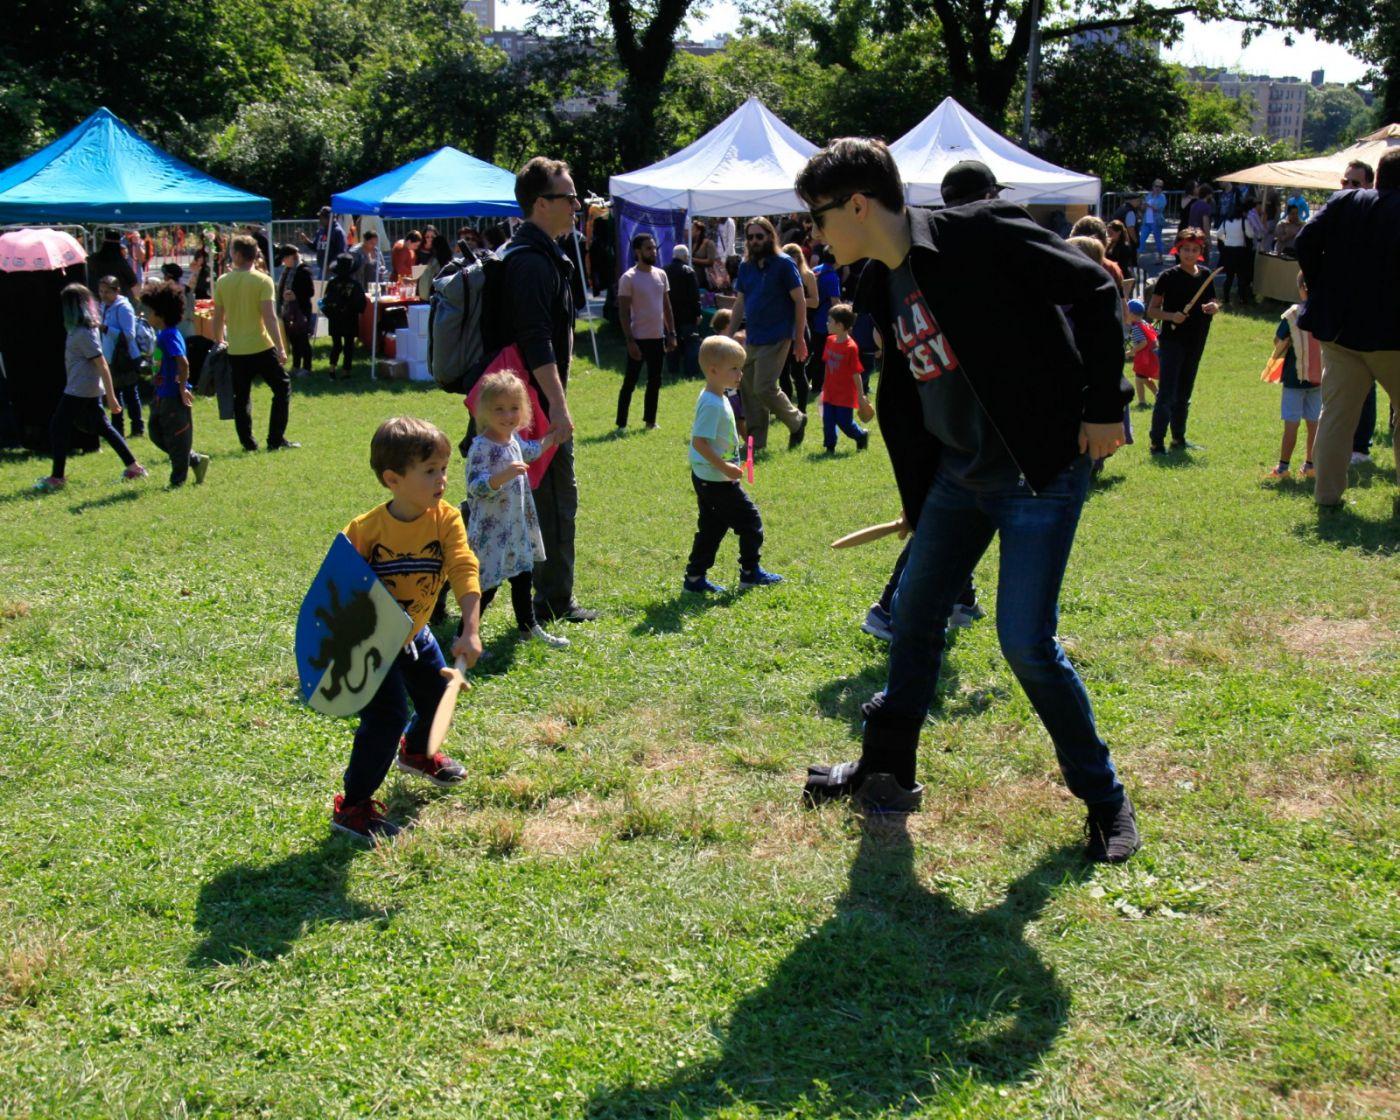 一年一度的崔恩堡公园中世纪节热闹非凡_图1-22